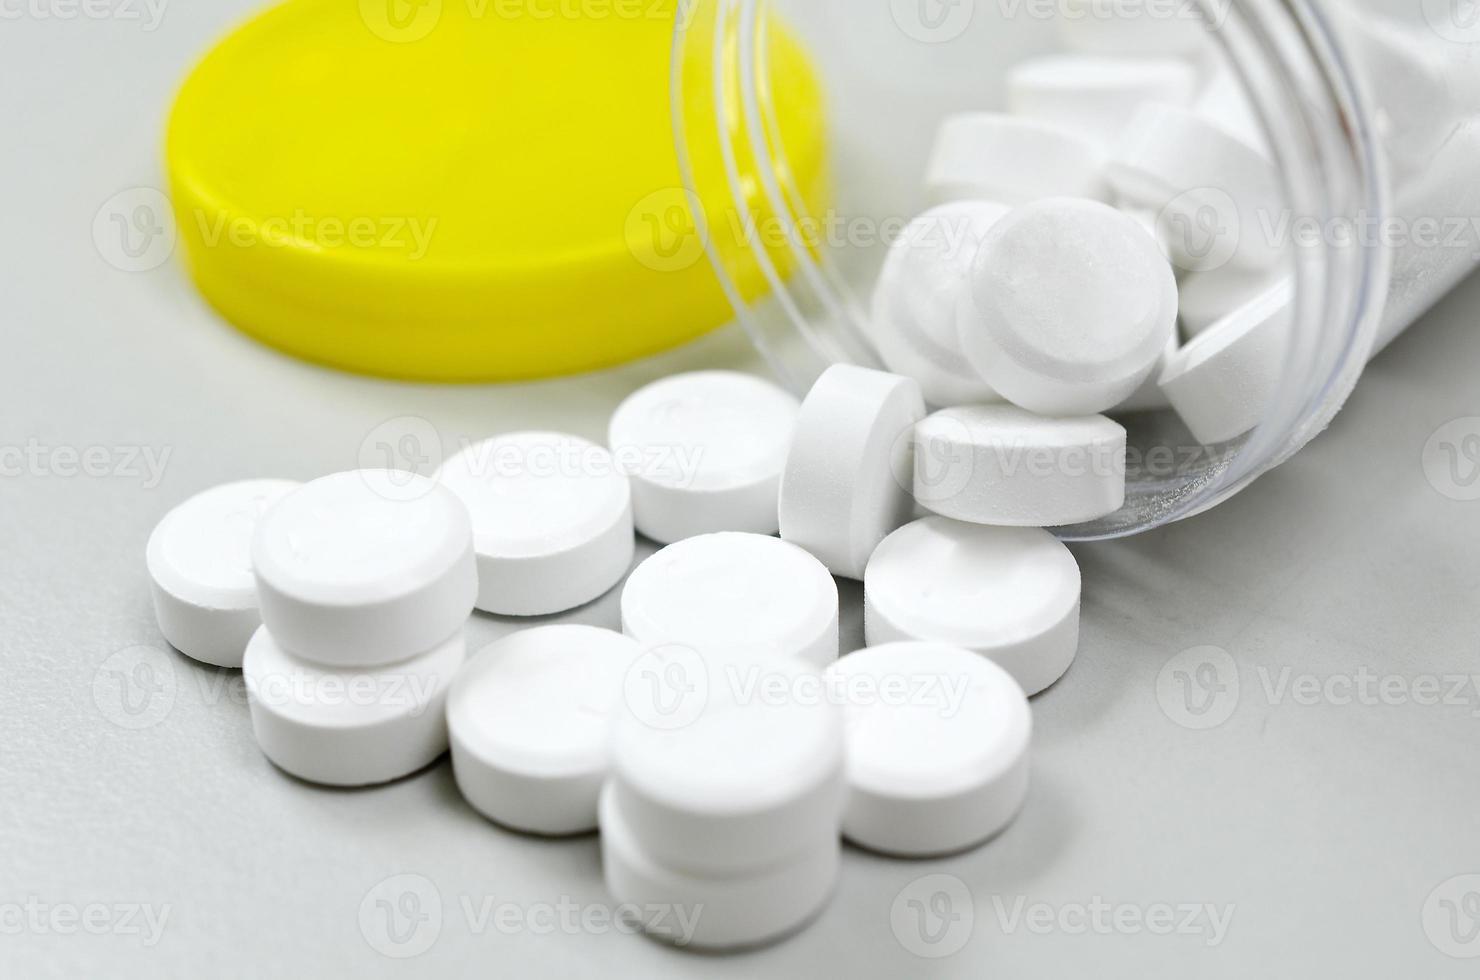 Tablettenfläschchen und Medizin foto